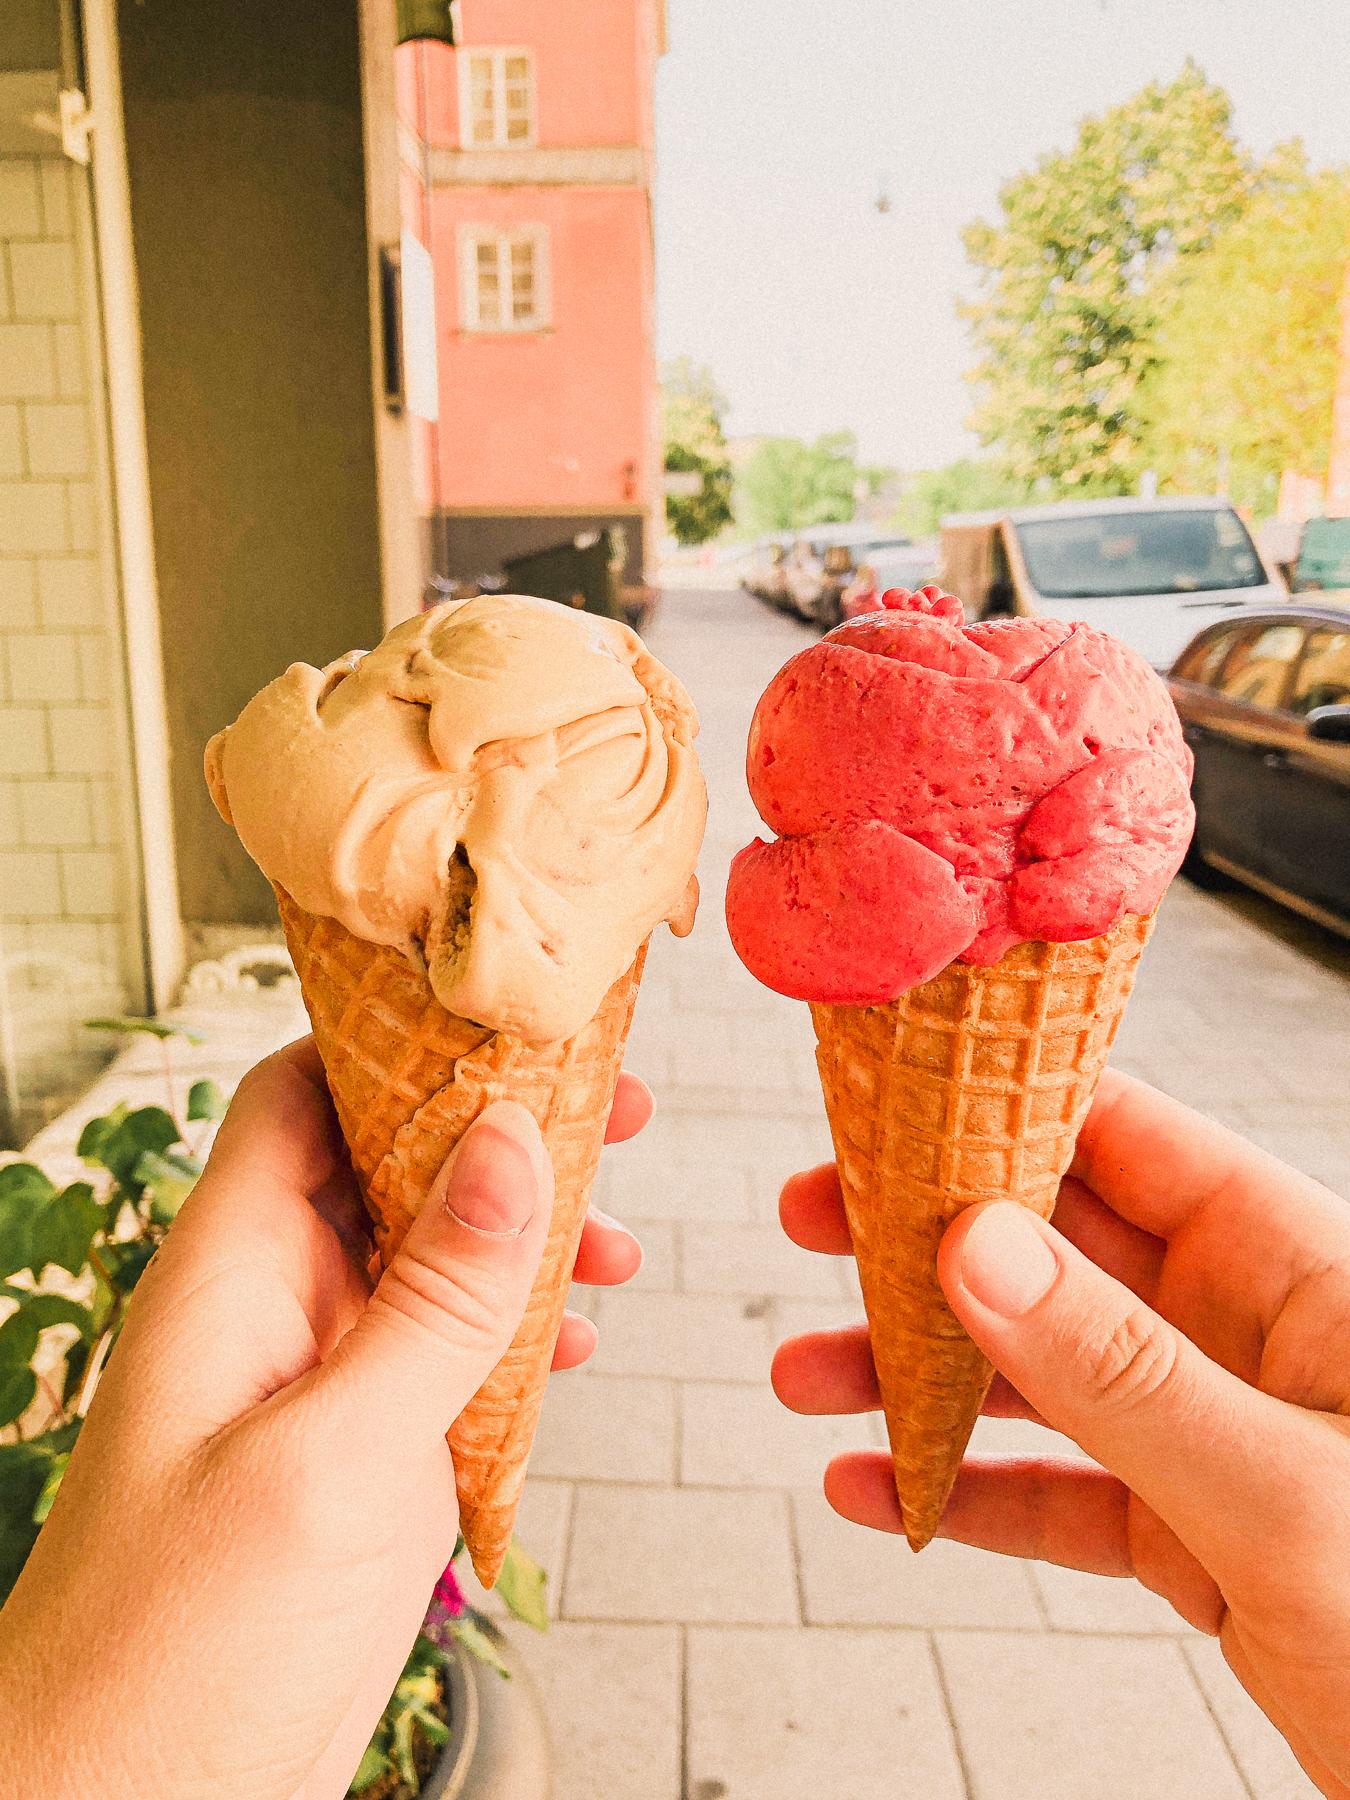 två glasstrutar med bästa gelaton i stockholm.